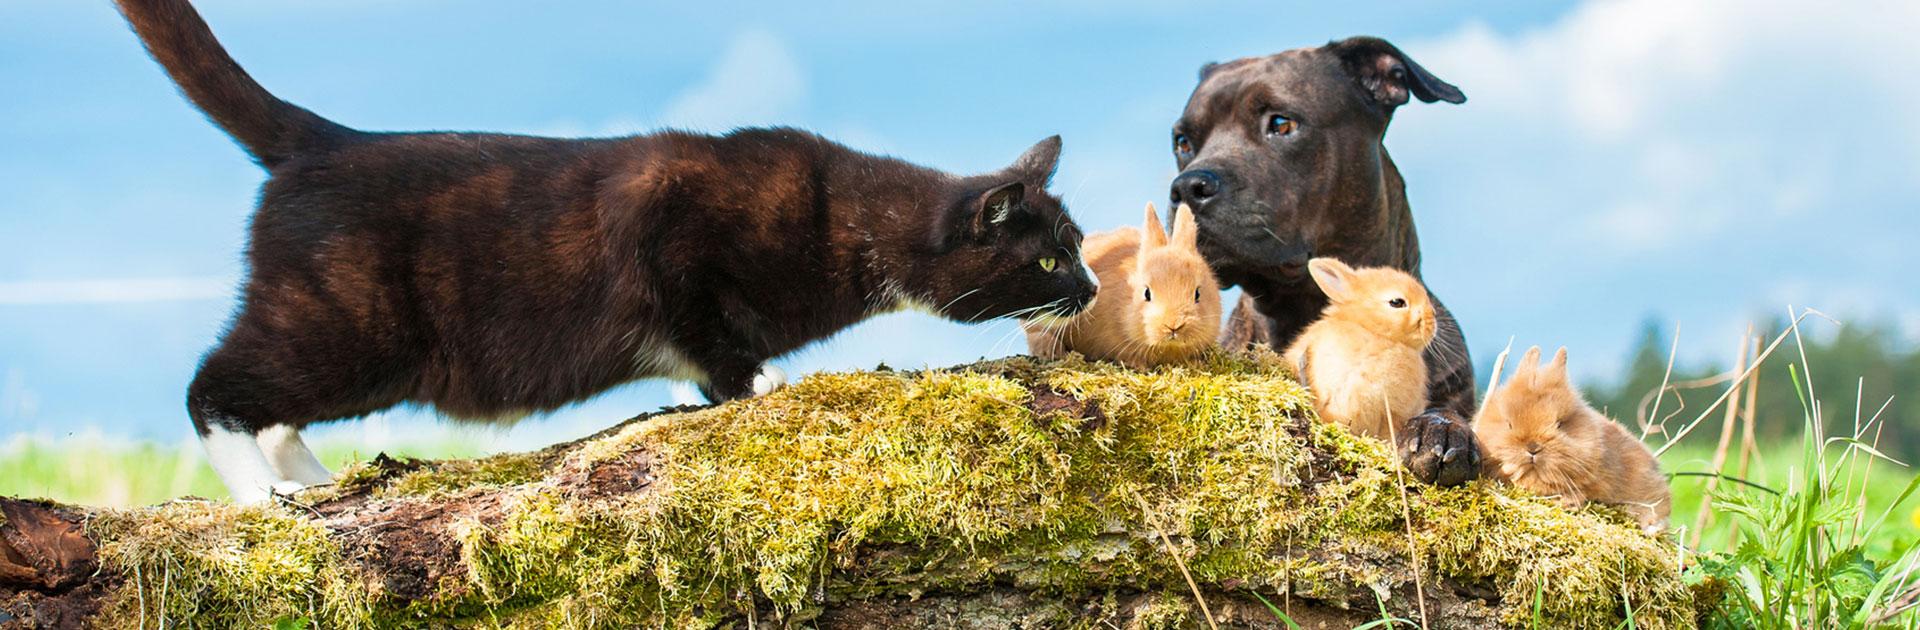 Katze, Hund und drei kleine Hasen im Freien